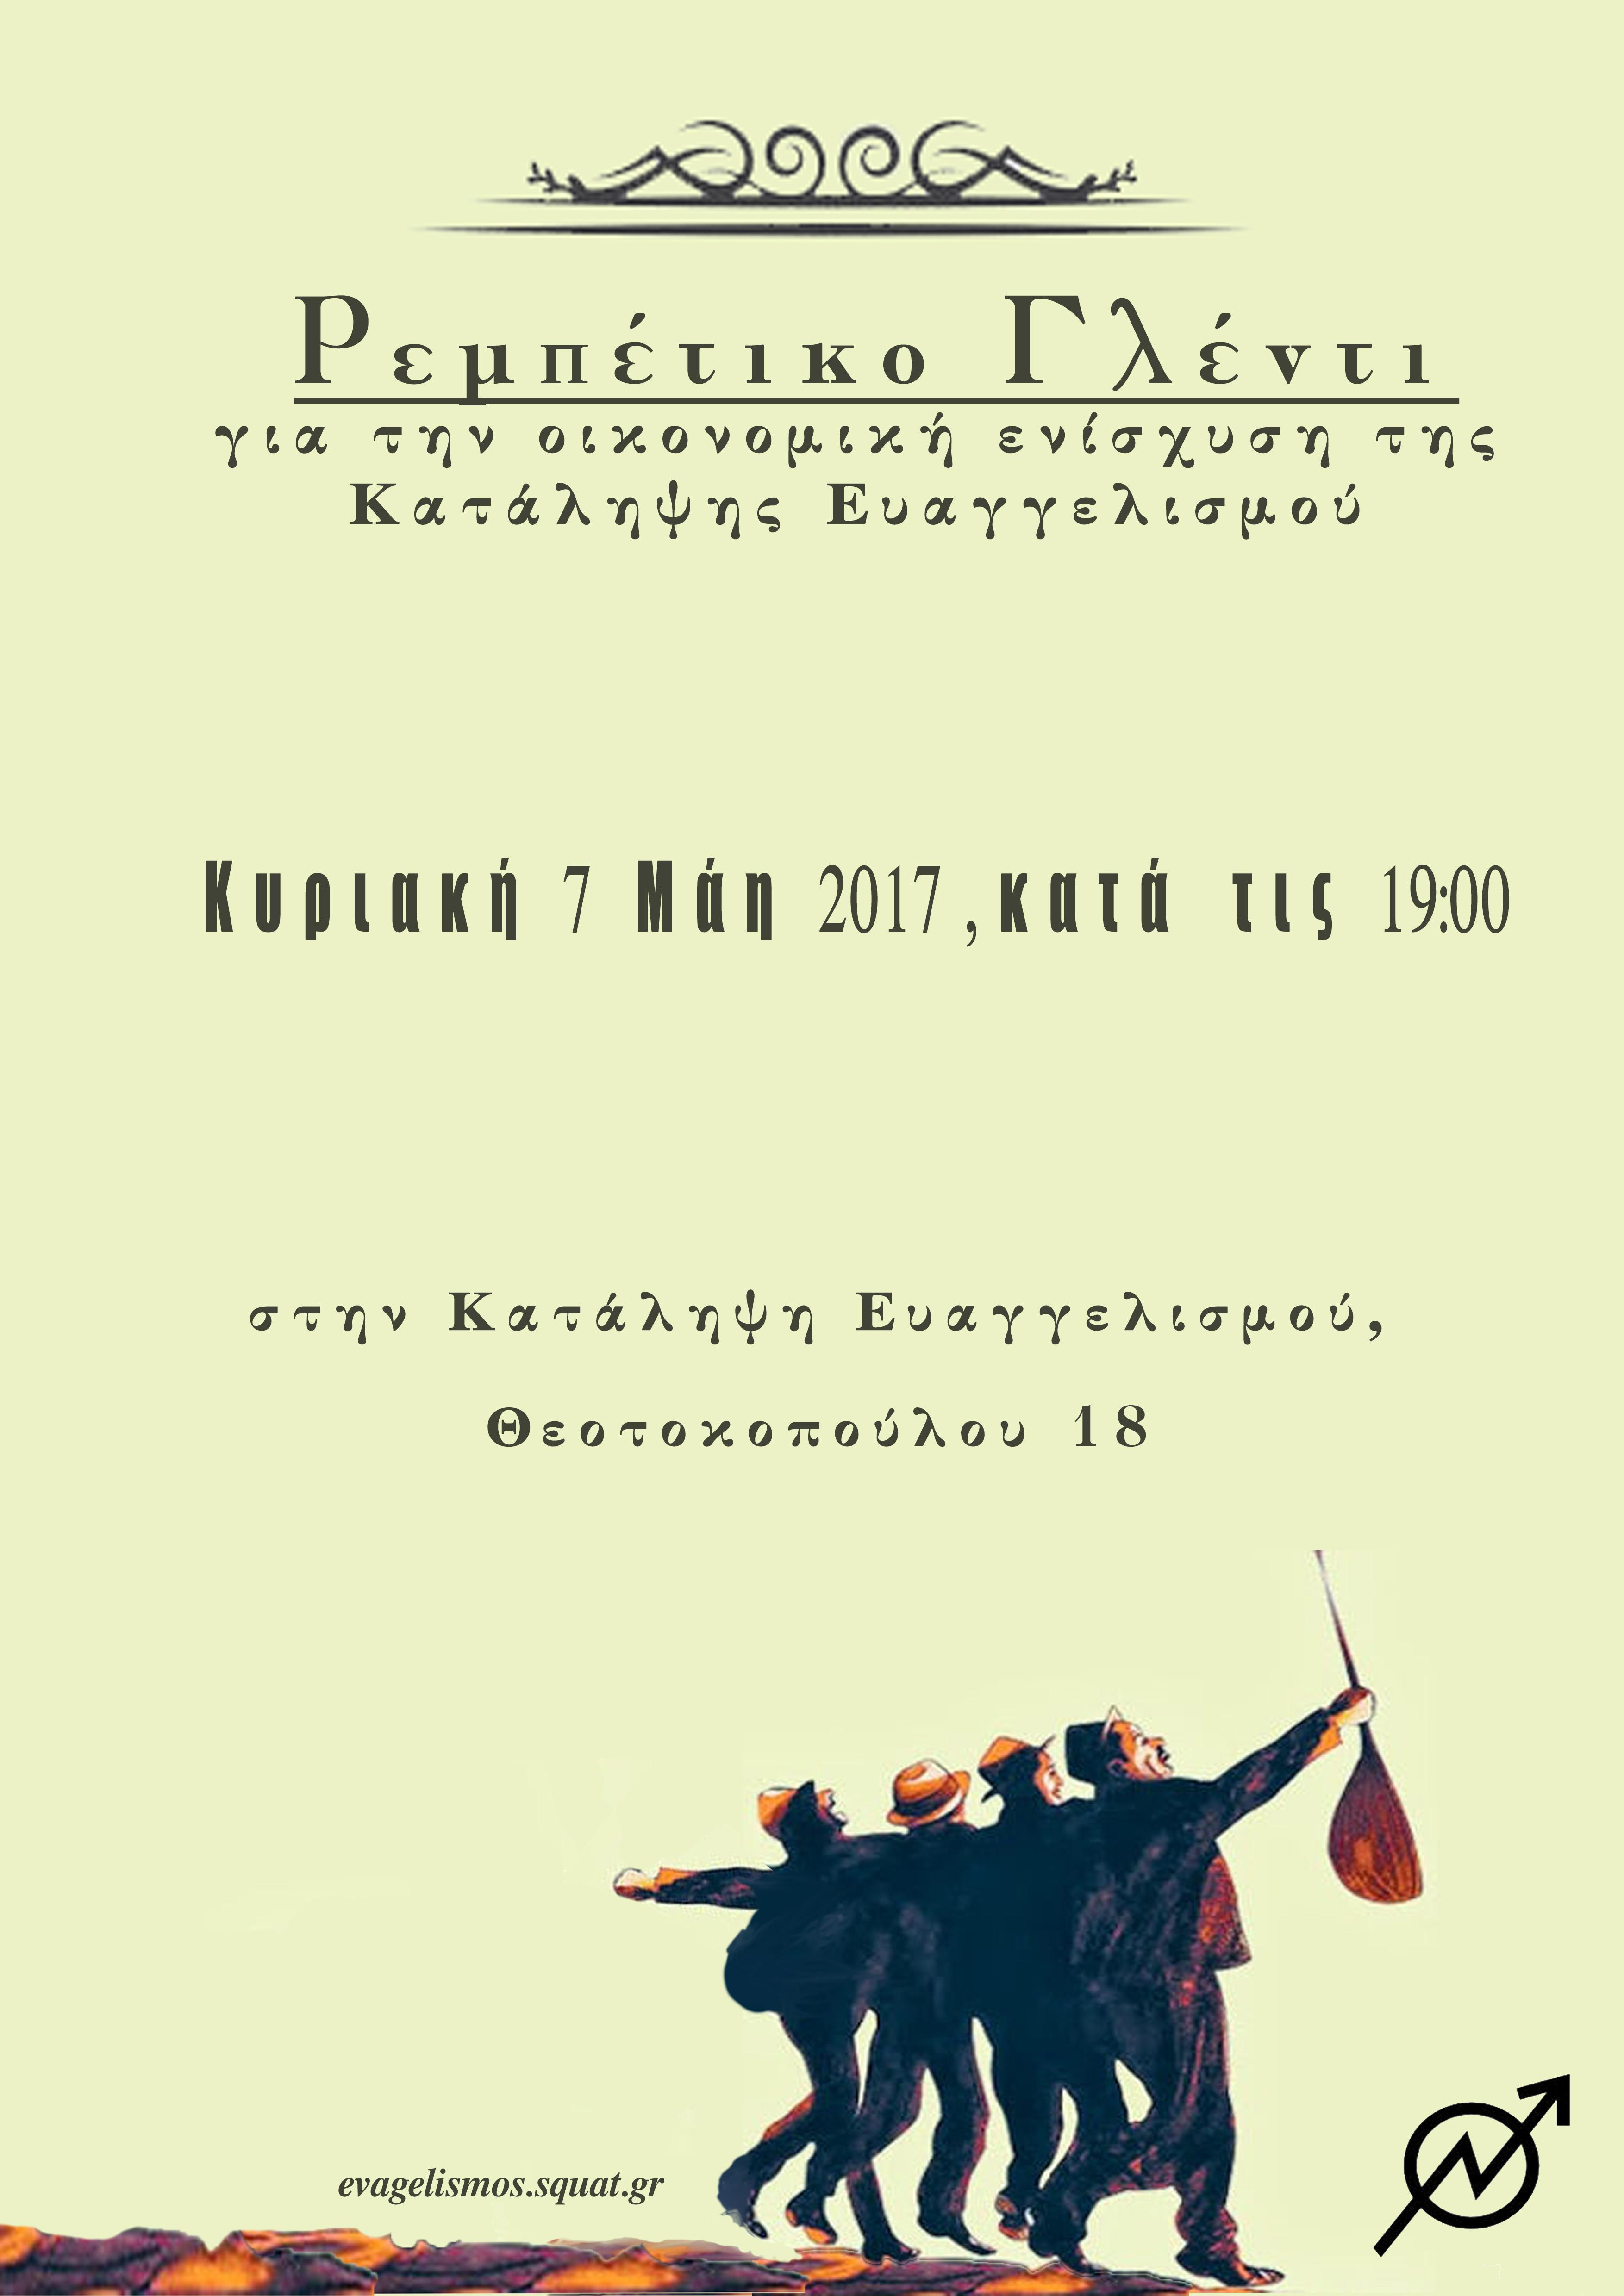 rempetiko glenti-katalipsi evagelismou 7 Mah 2017